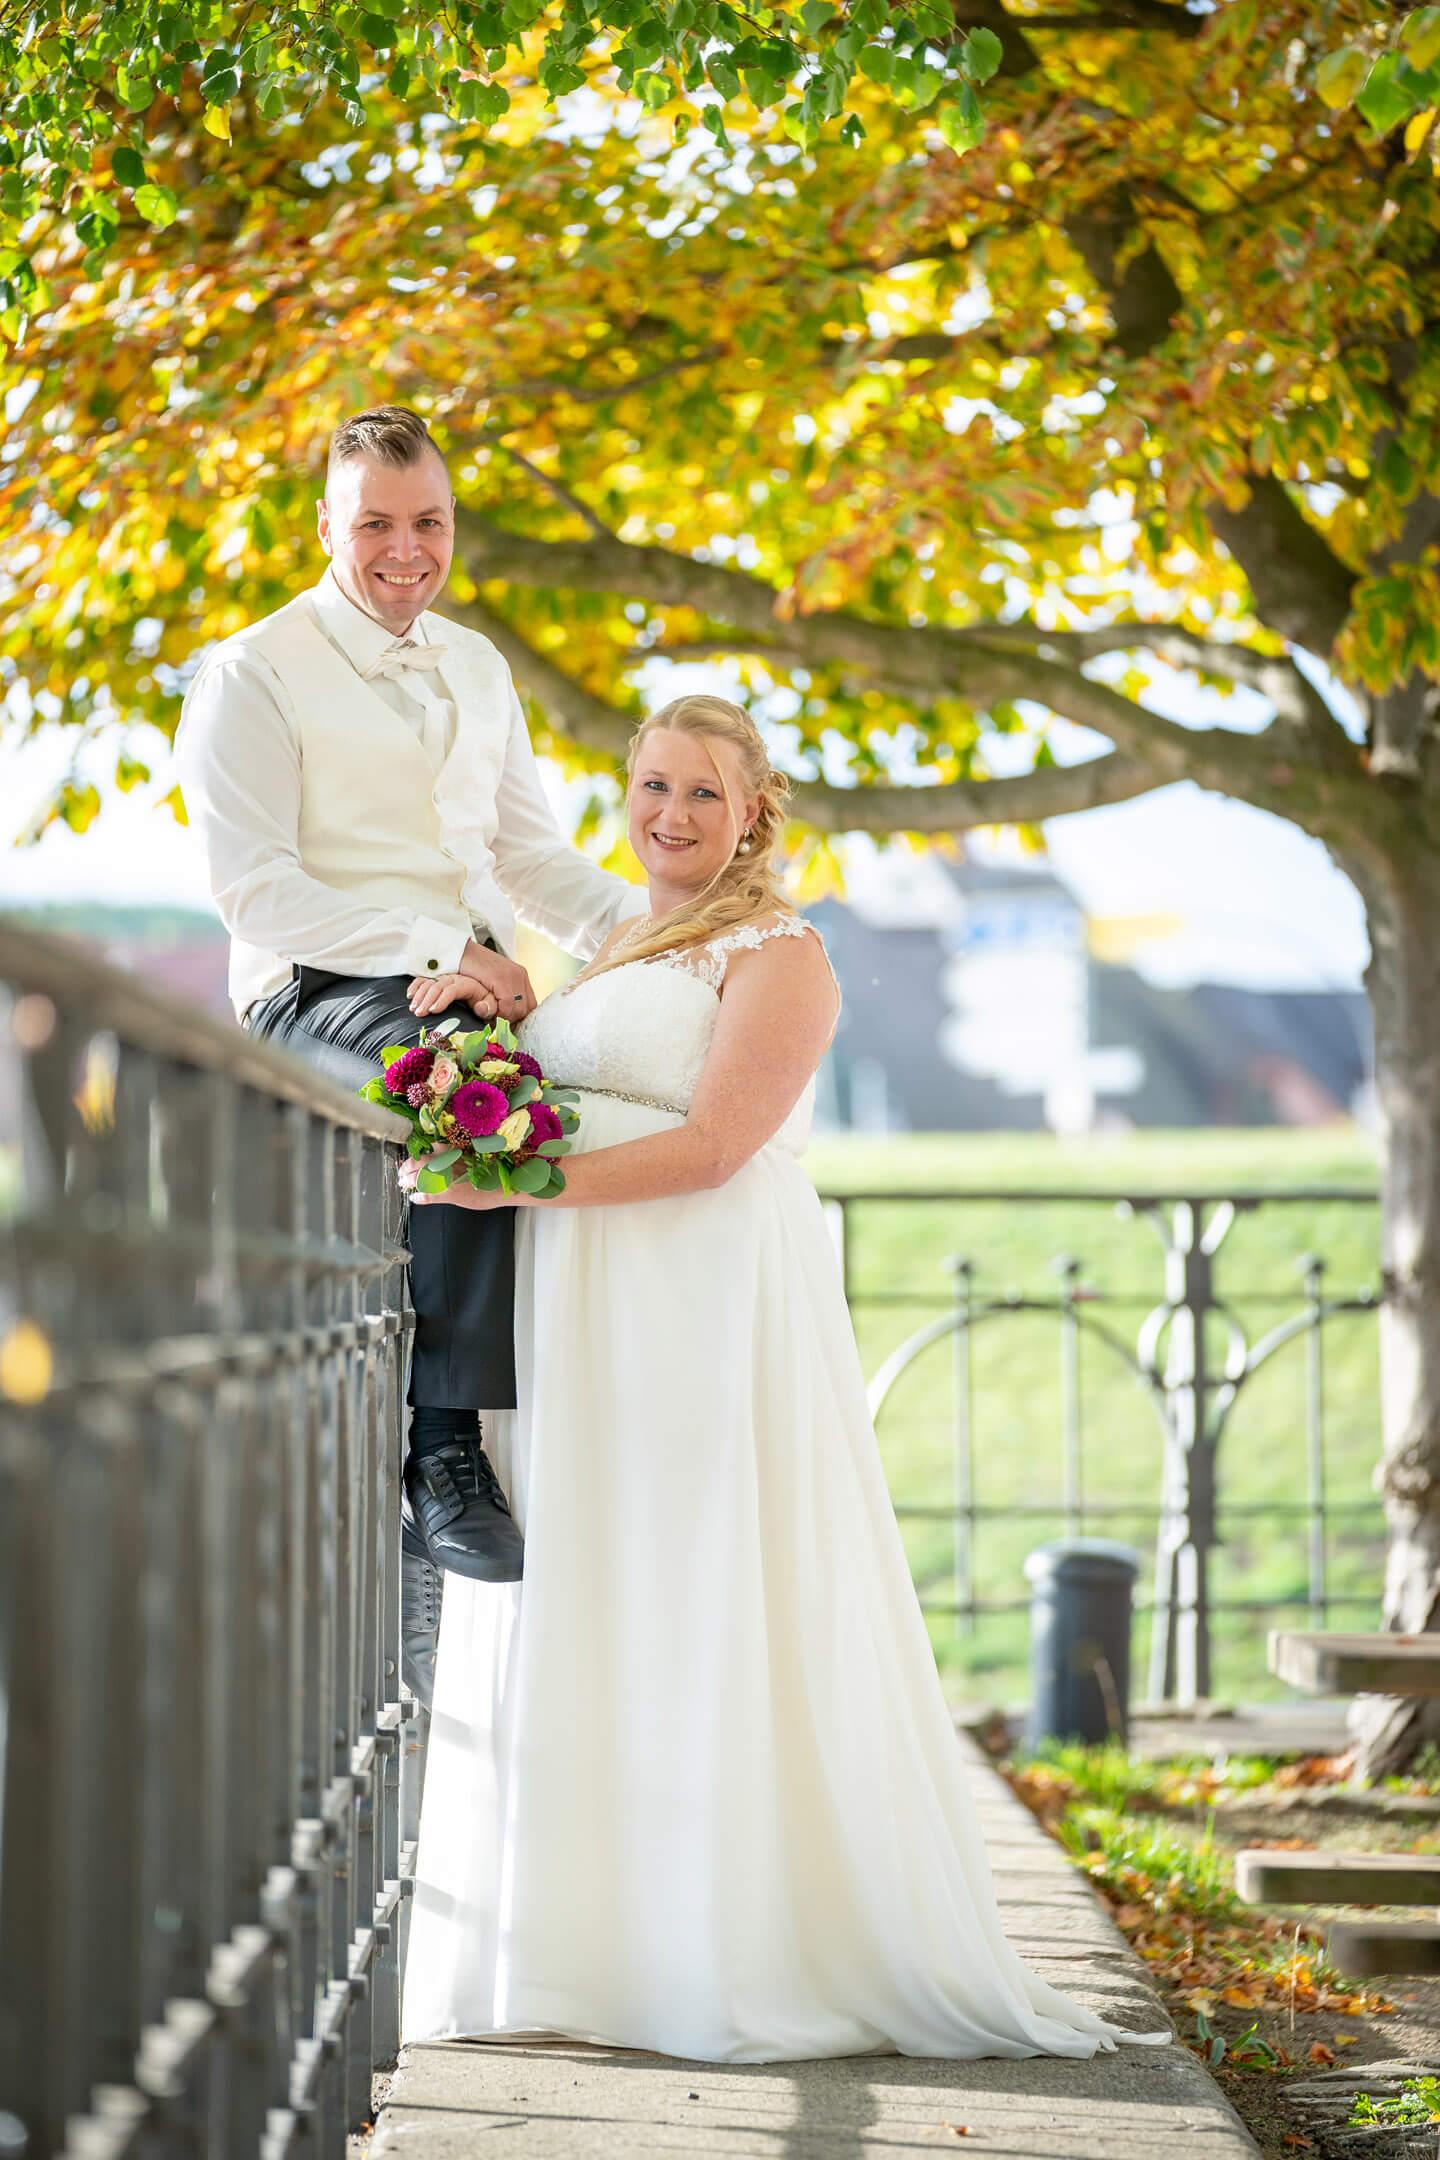 Hochzeitsfotos am Zollenspieker Fährhaus im Herbst